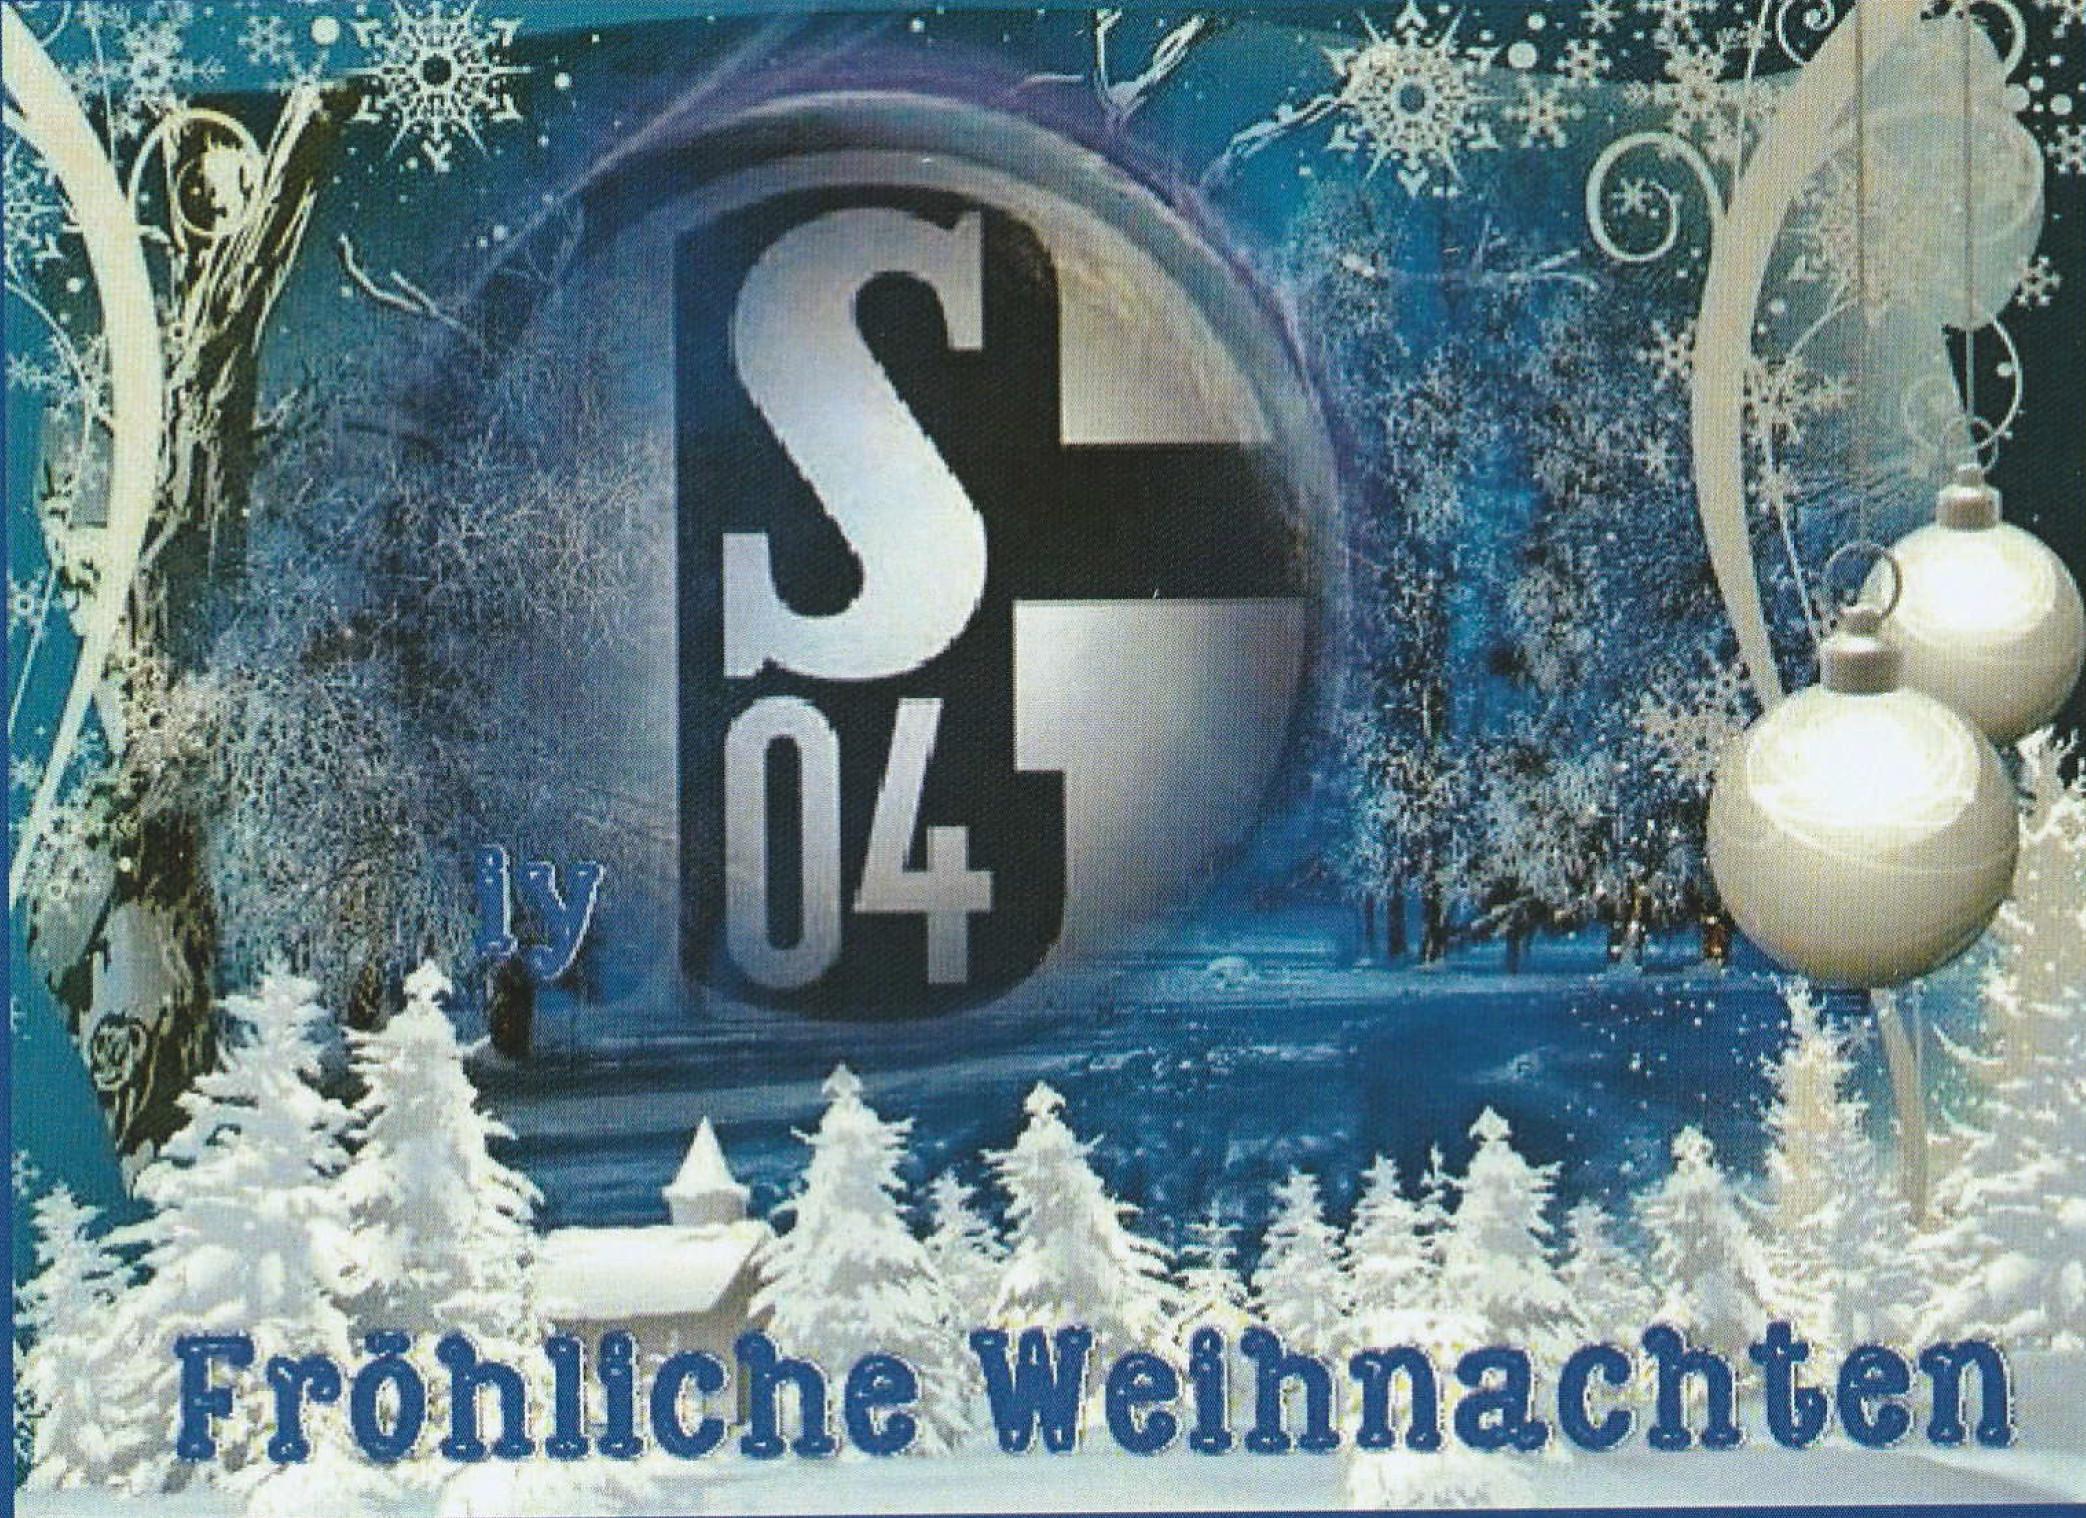 Schalke Bilder Weihnachten.Frohe Weihnachten Fan Club Fc Schalke 04 Diersfordt